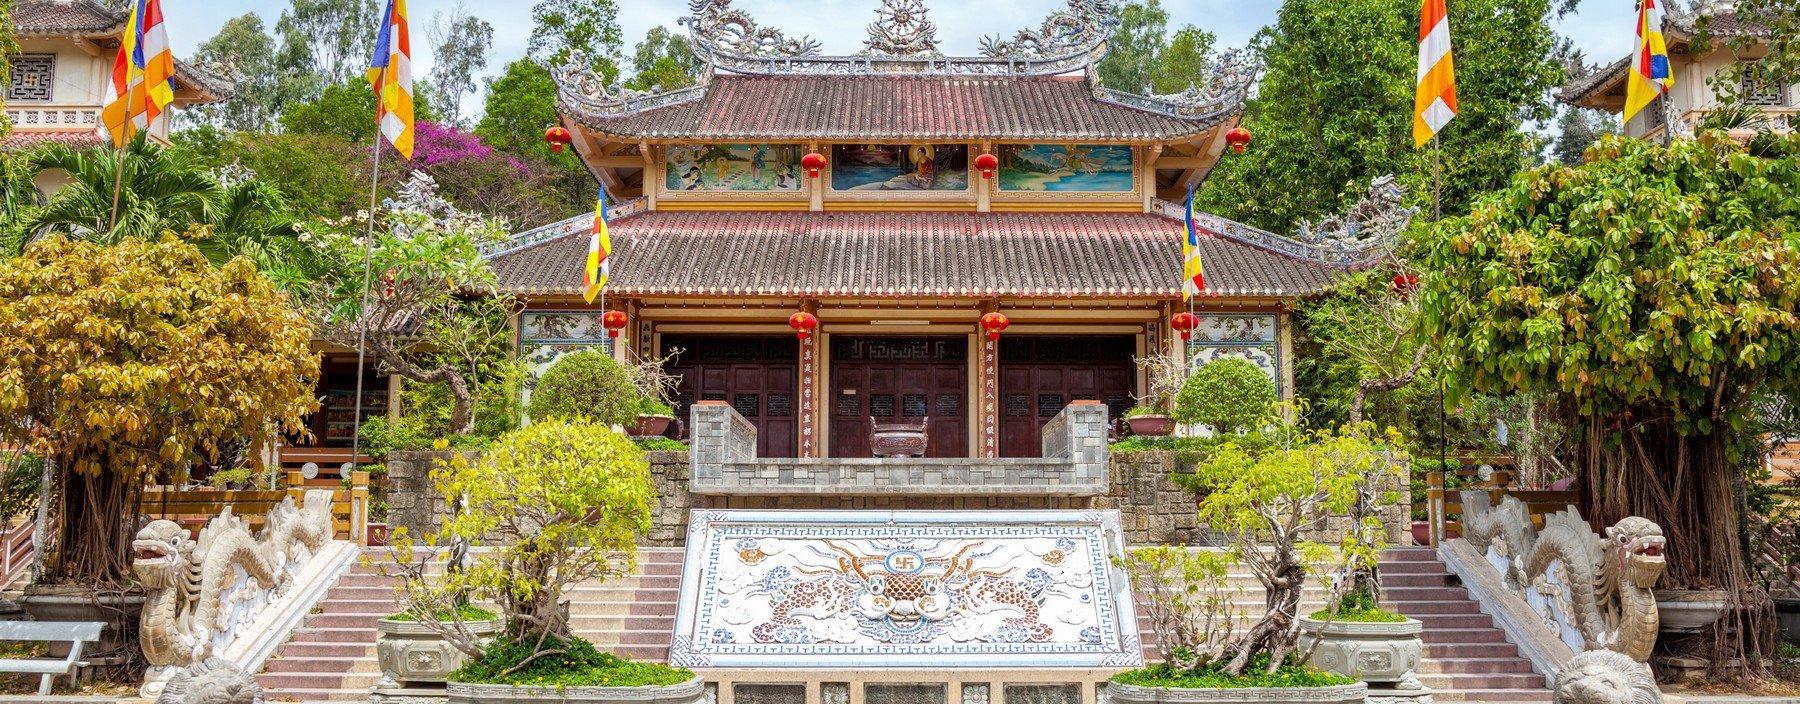 vn, nha trang, long son pagode  (1).jpg